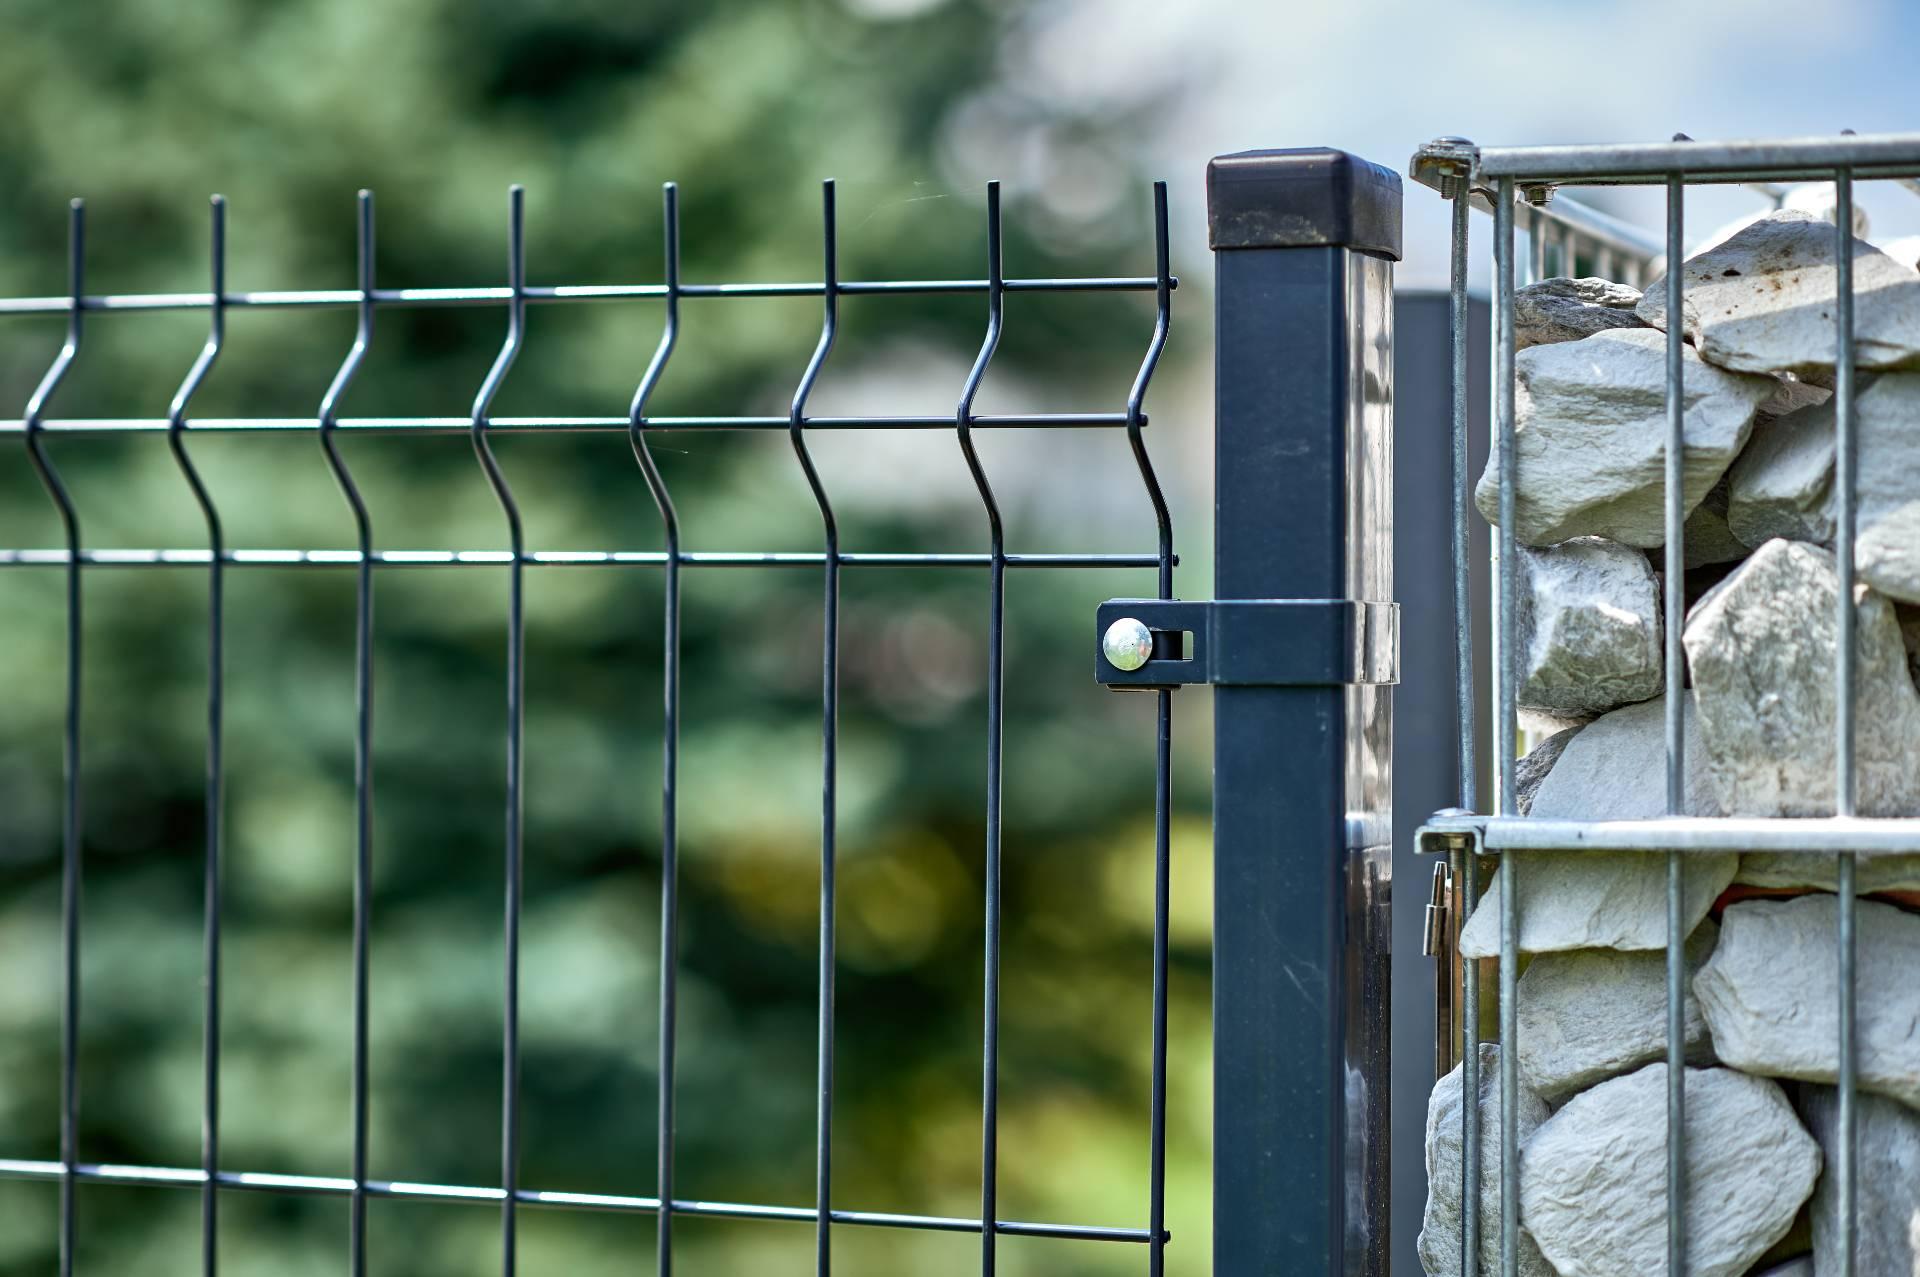 Ogrodzenie - Siatka panelowa - przykład połączenia ze słupkiem gabionowym